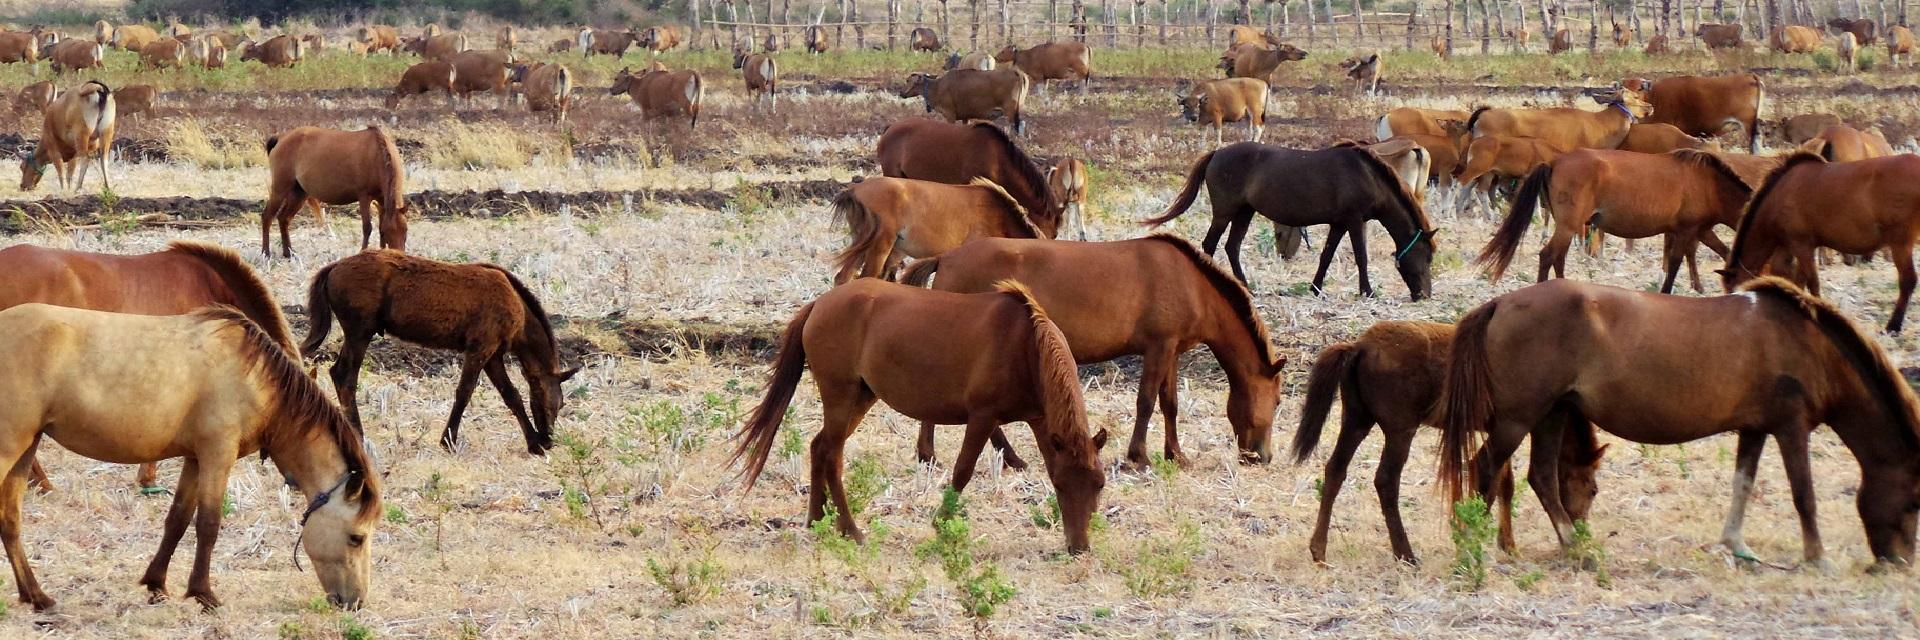 10 Wisata Seru di Peternakan Kuda Mega Star, Kota Batu - Malang Raya